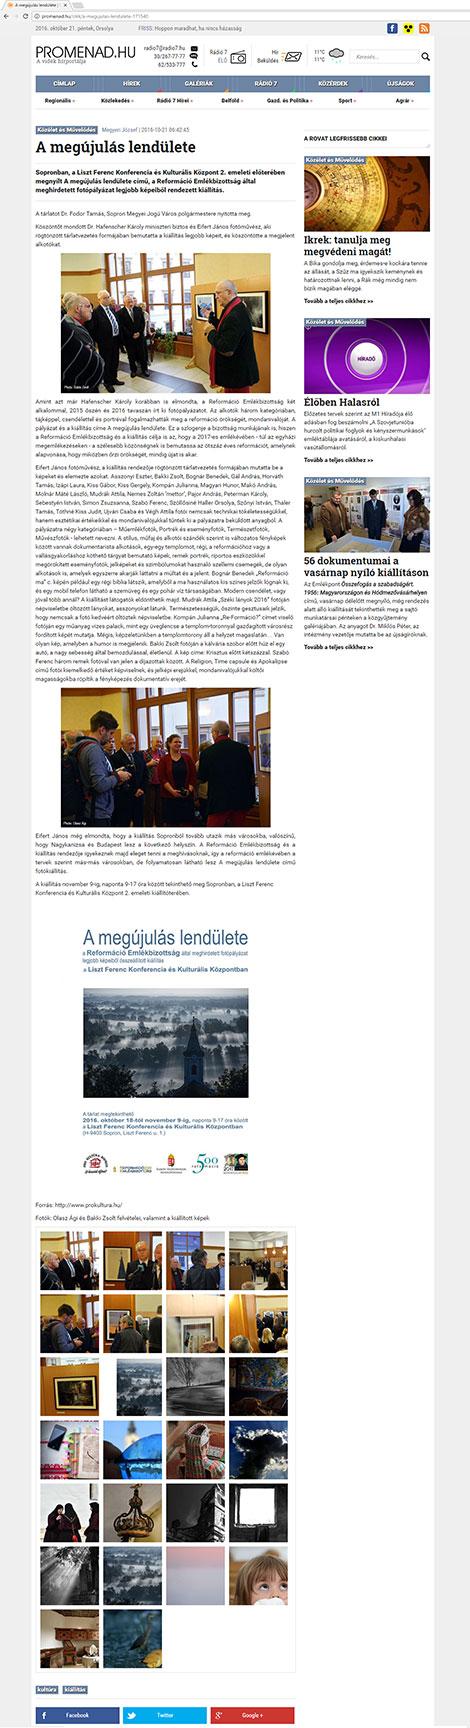 2016.10.21.-Promenad.hu_A-megújulás-lendülete